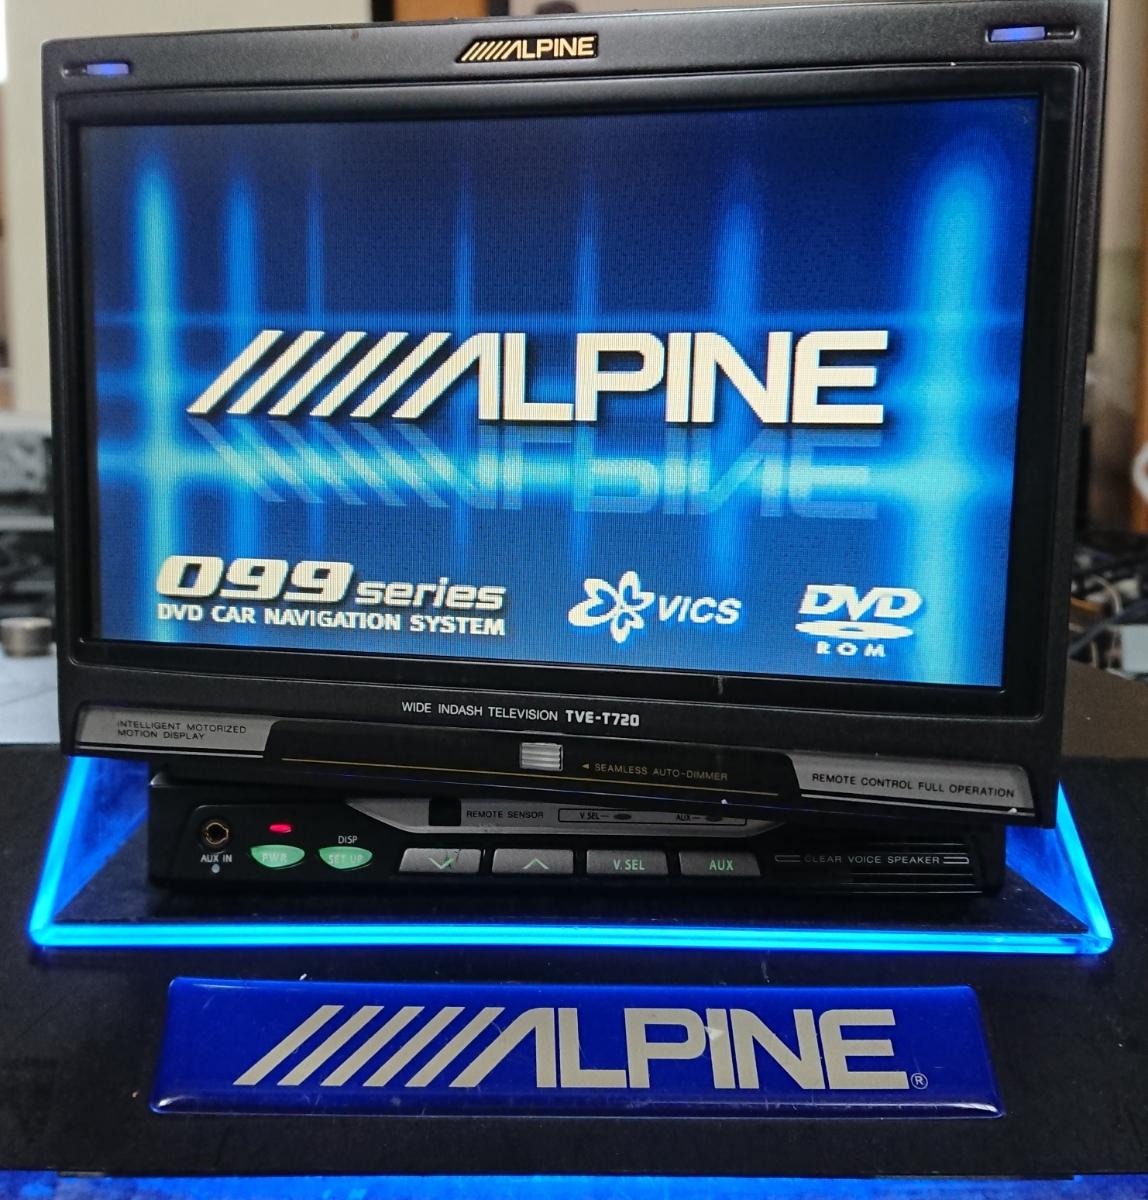 アルパイン 7インチ ワイドインダッシュテレビ TVE-T720 FMトランスミッター内蔵 左右首ふり動作 多少訳あり ALPINE _画像2